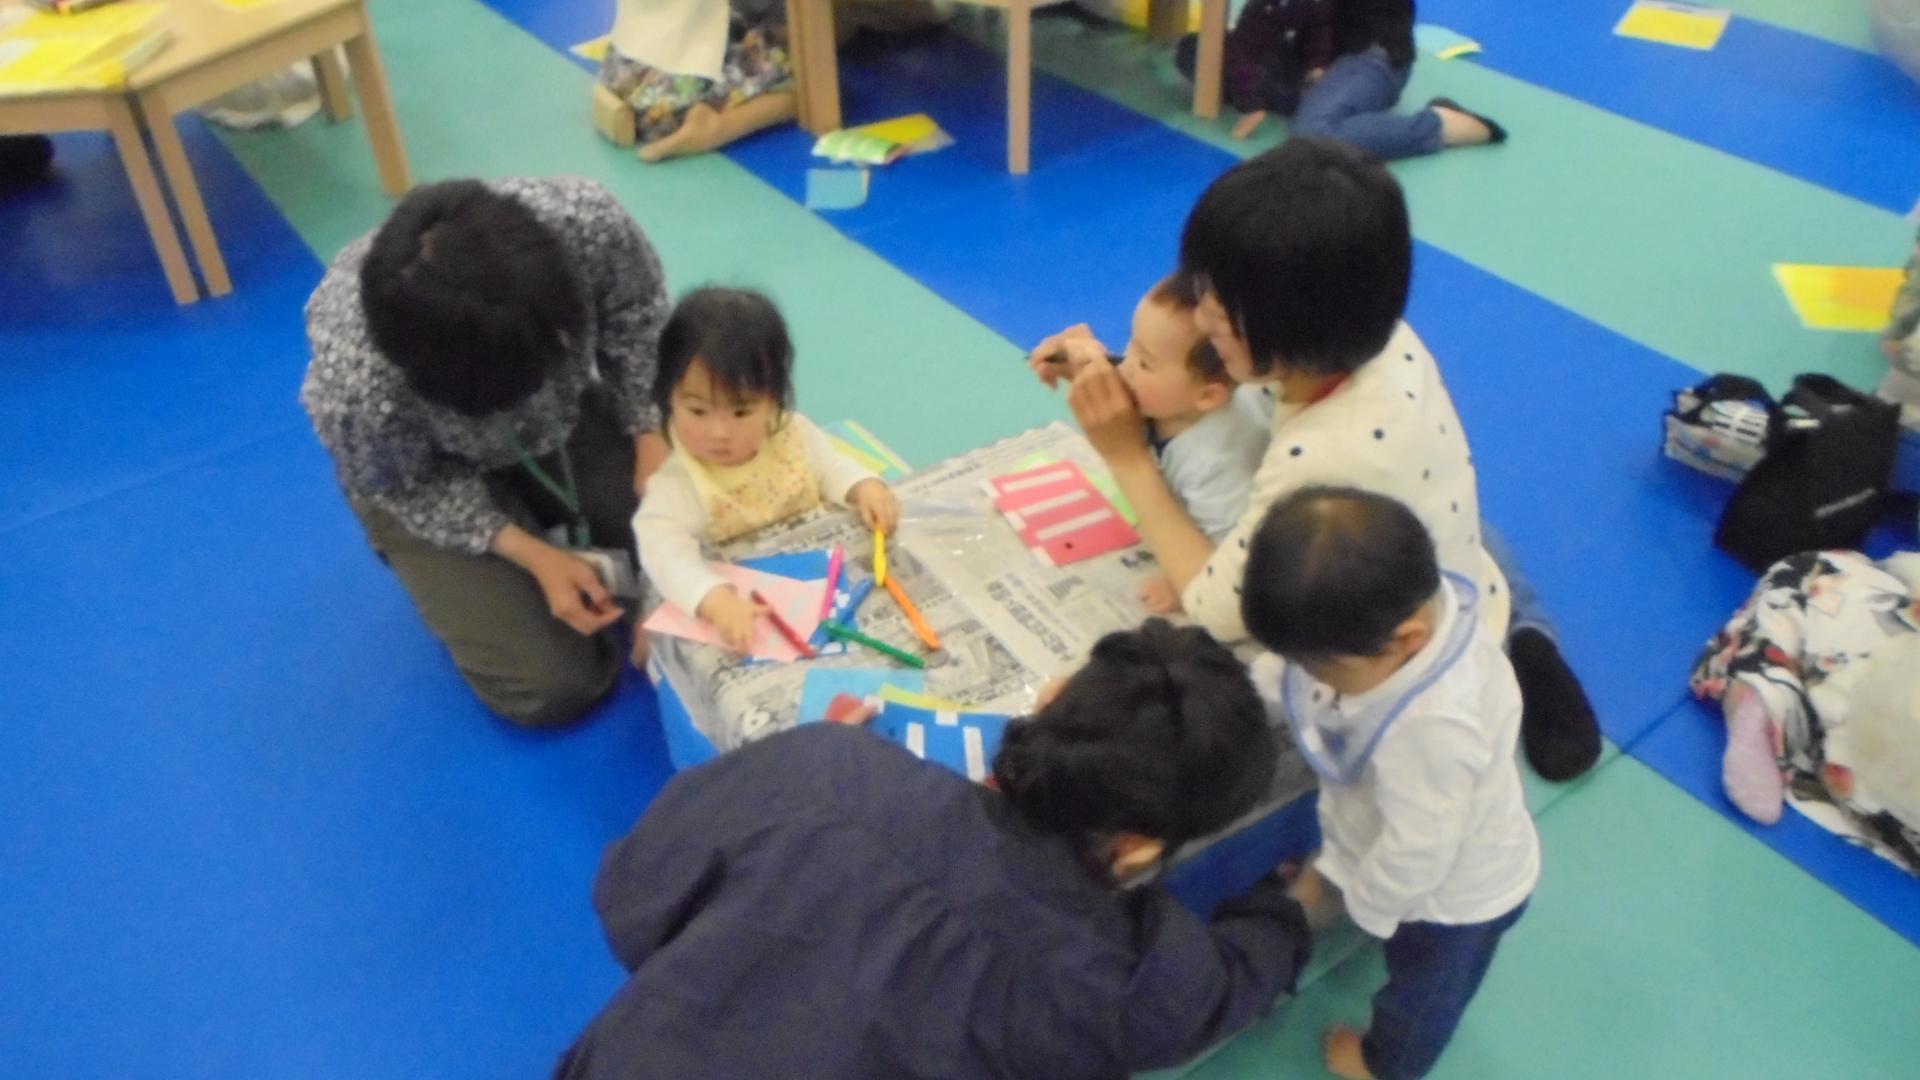 4月25日 赤ちゃんイベント(こいのぼり製作) 報告